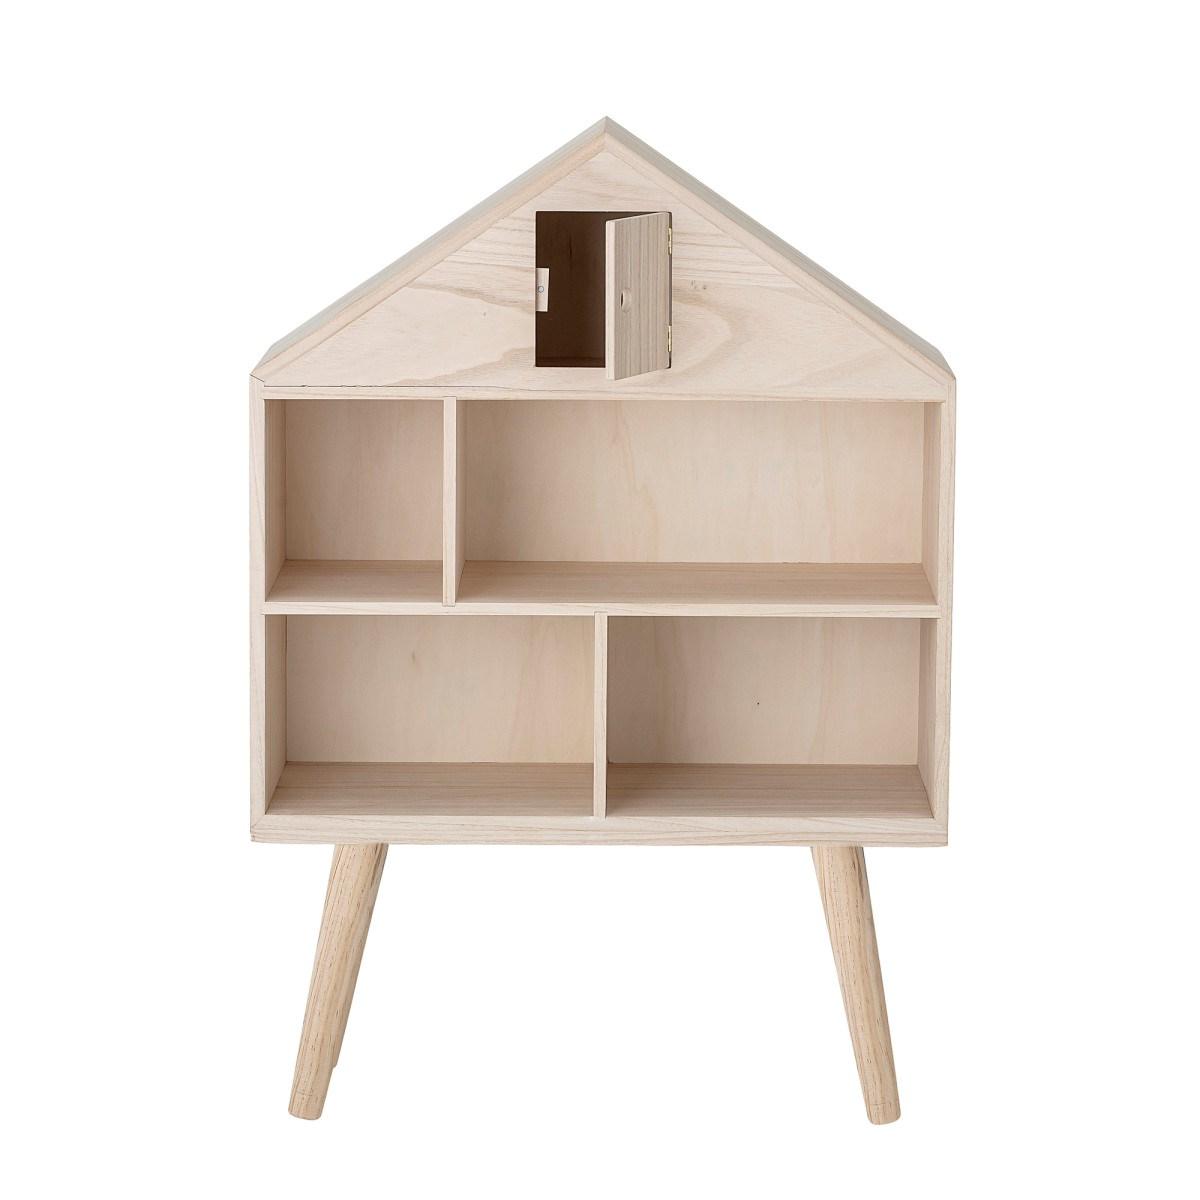 Dřevěný domeček pro panenky Bernadette V.105 cm_0